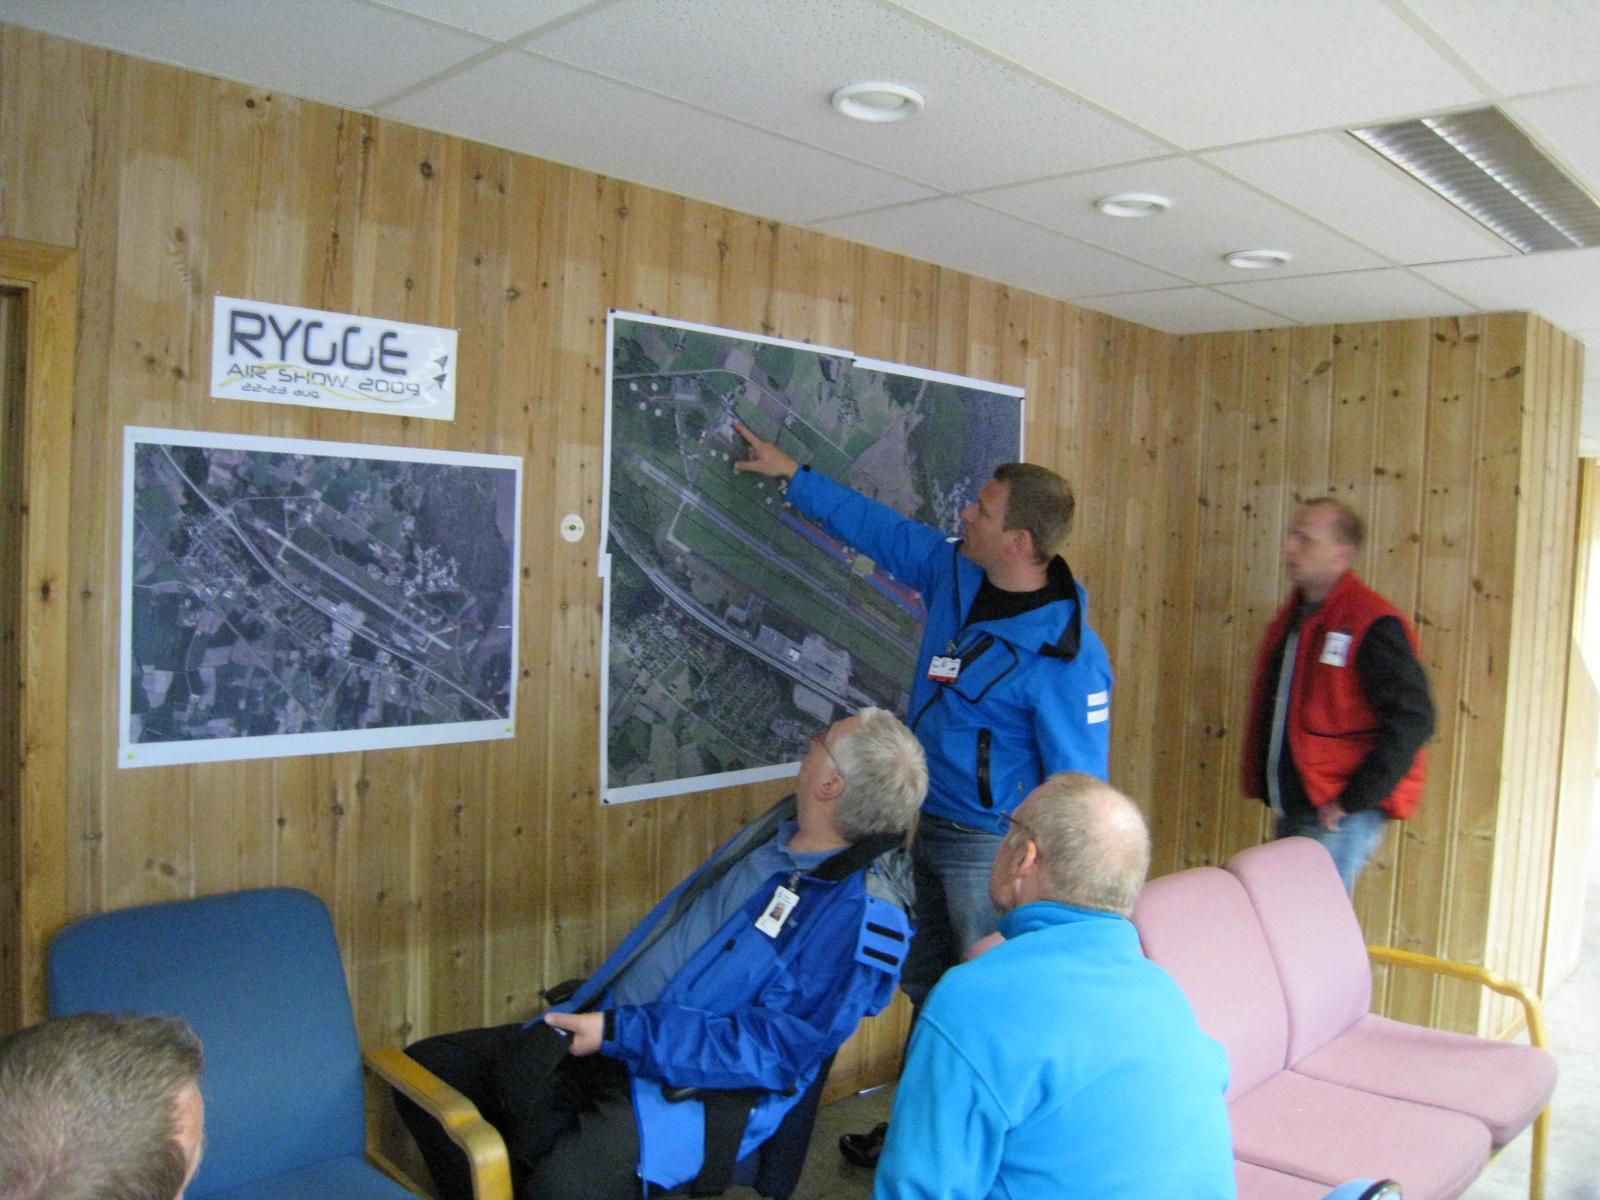 Planlegging av Rygge Air Show 2009 på fly show kontoret i hangar F                                                              Foto Thor-Øivind Andersen